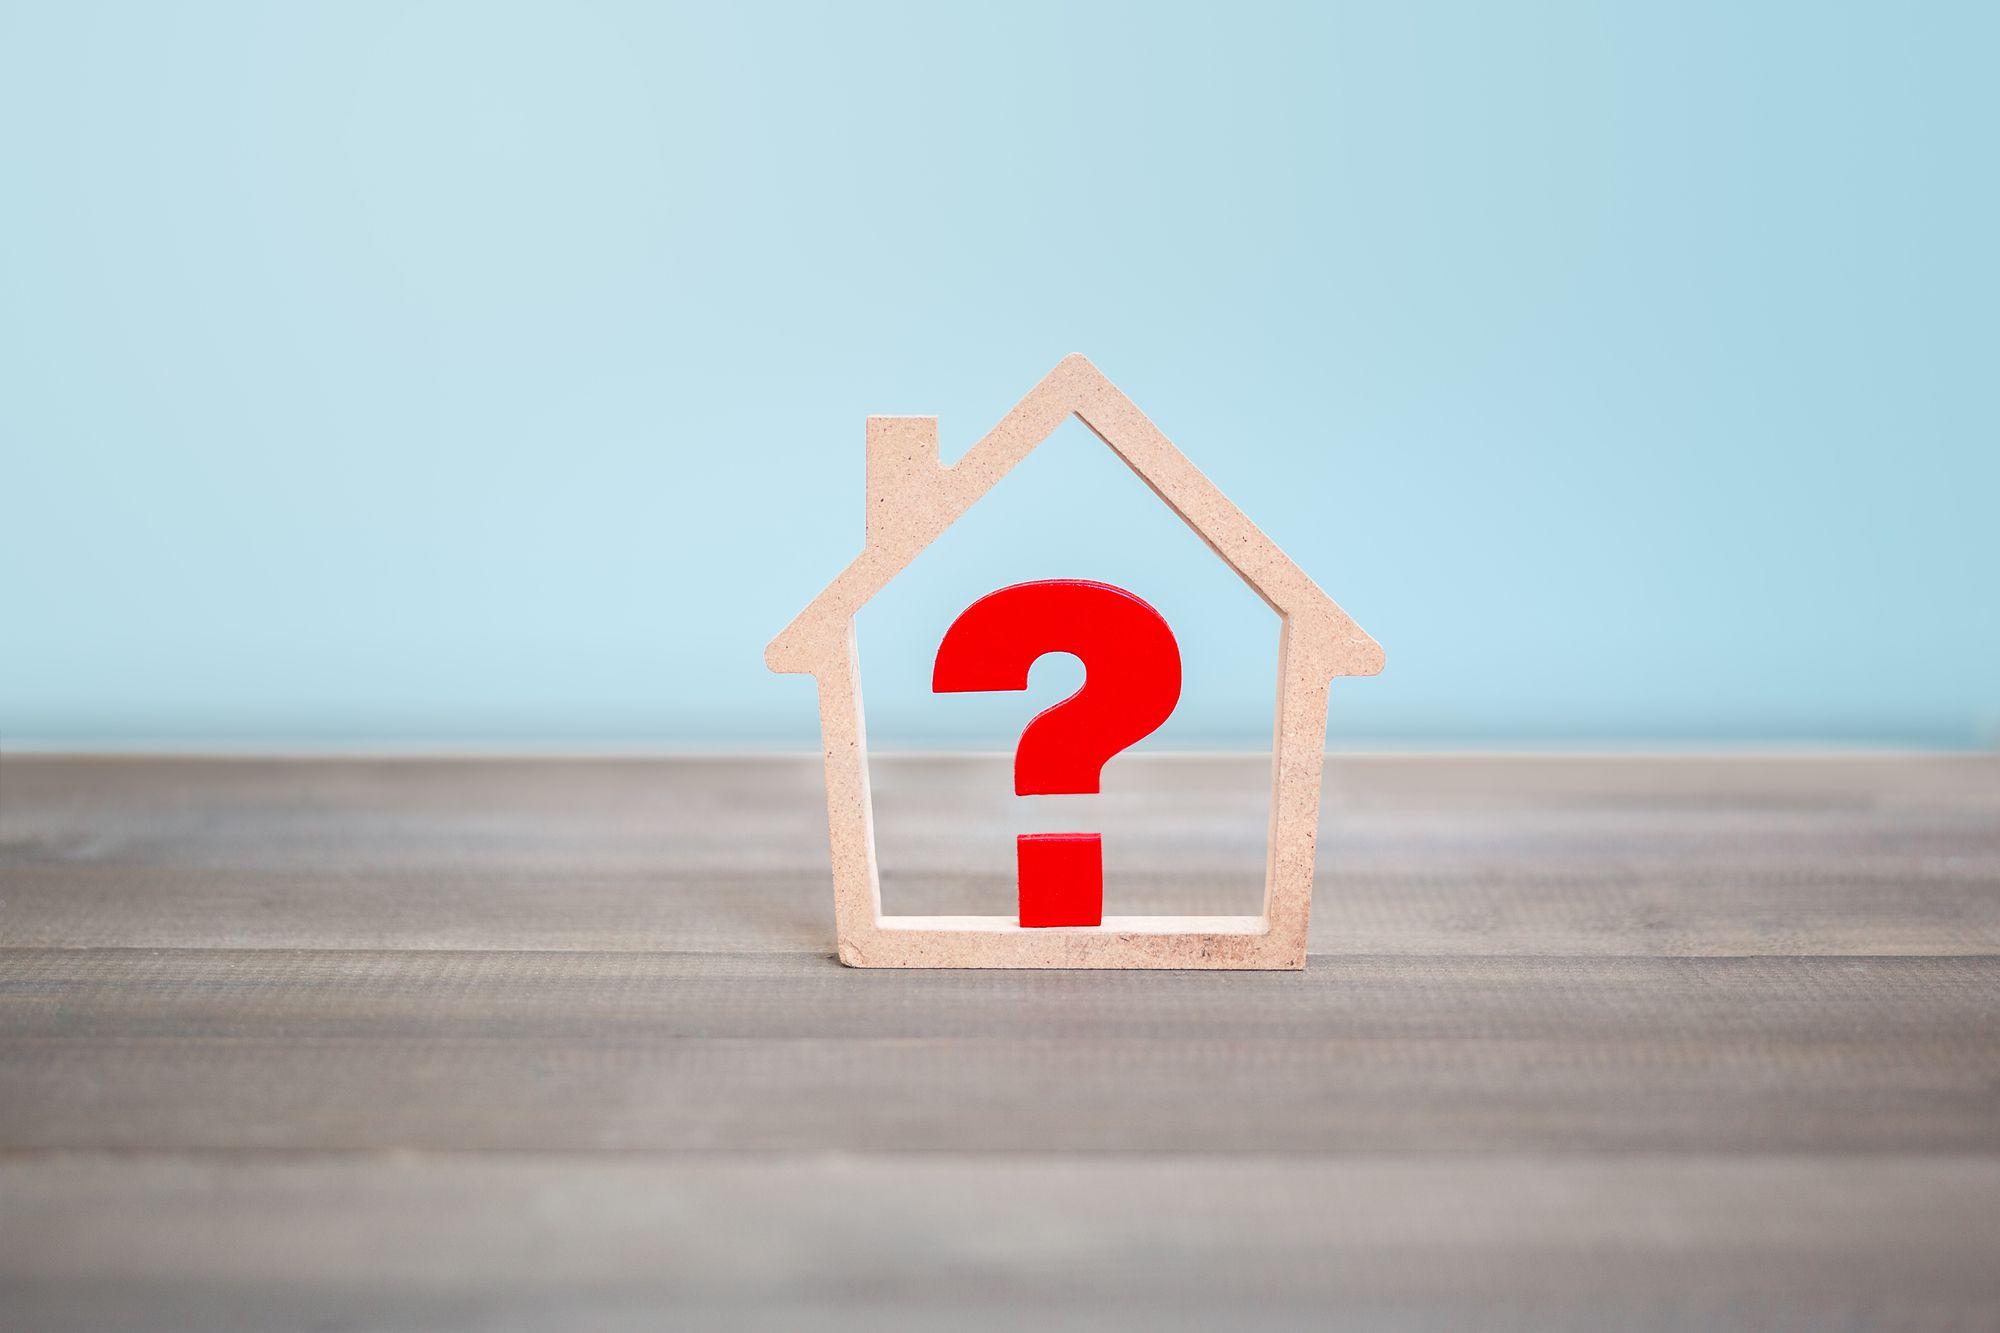 投資用マンションを売却完了するまでにだいたいどのくらいかかる?